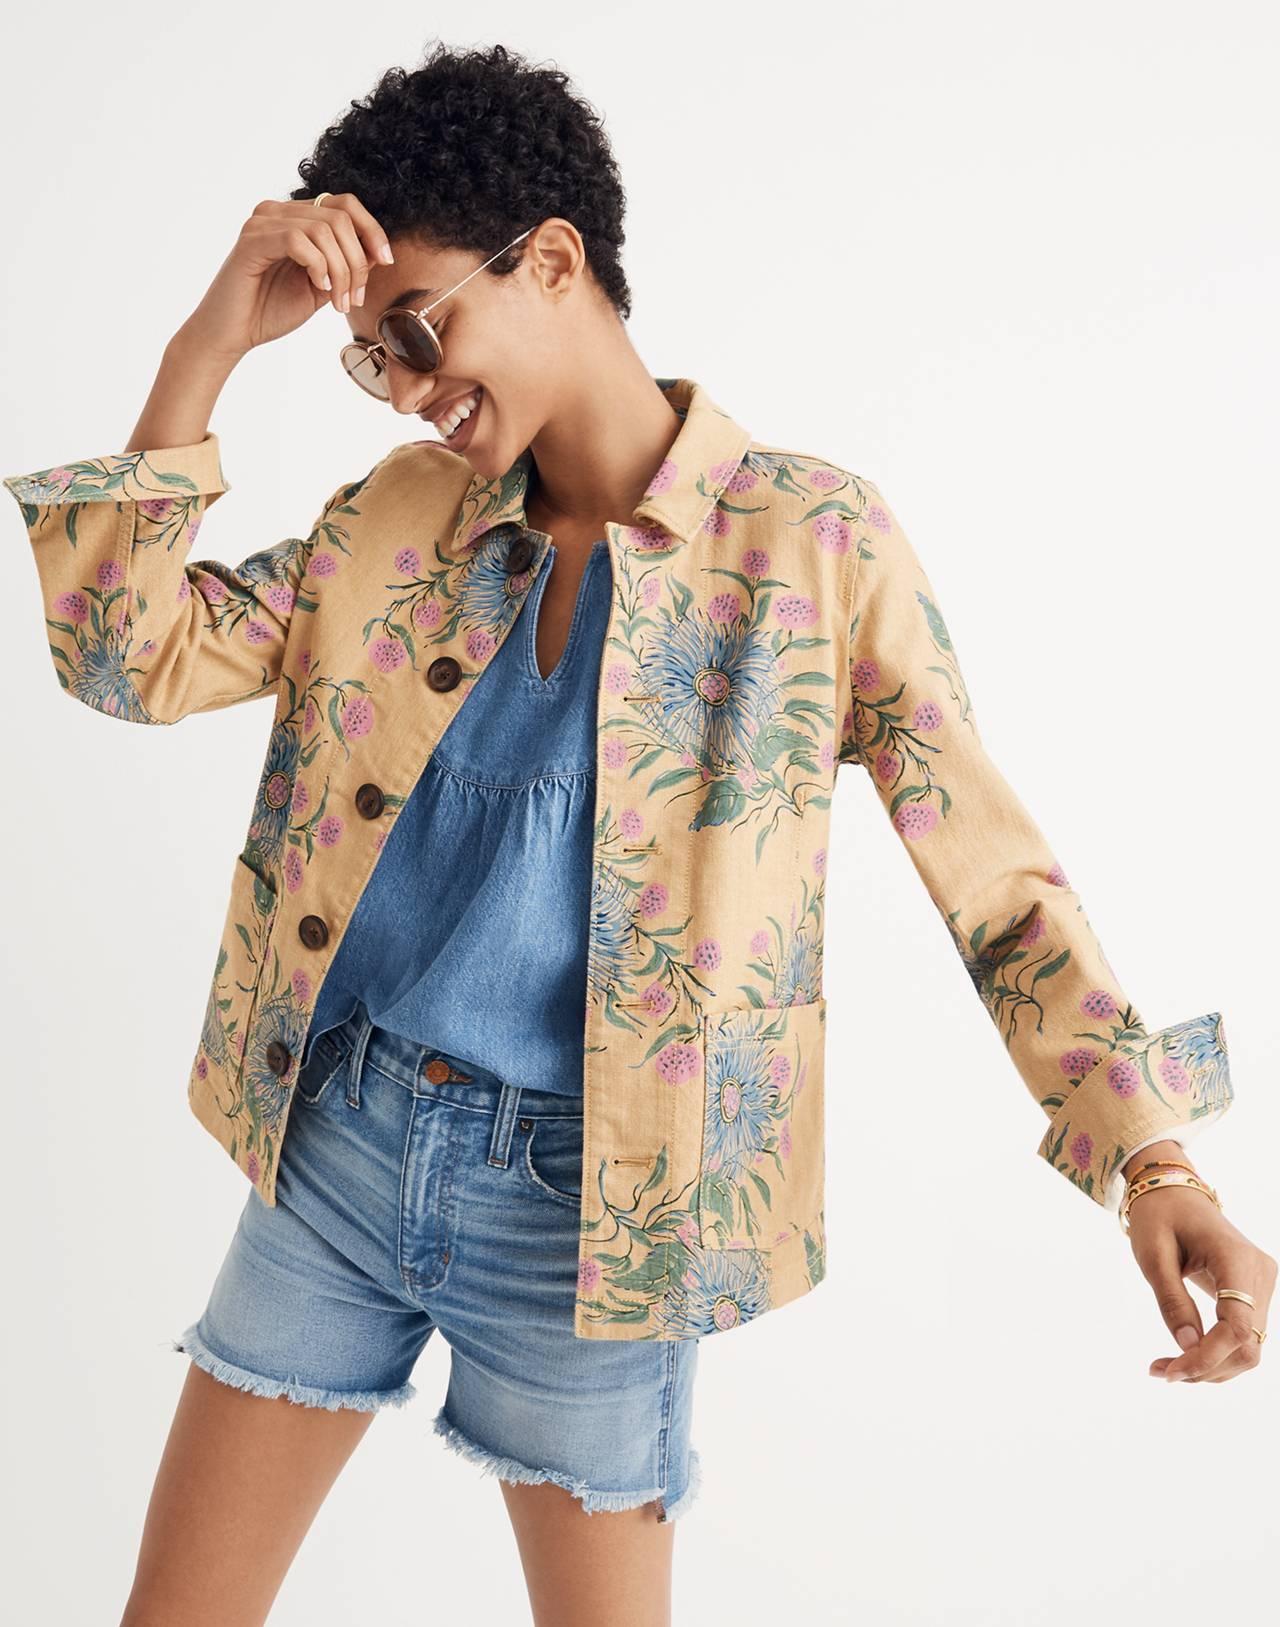 Tailored Workwear Jacket in Painted Blooms in van greek gold image 1